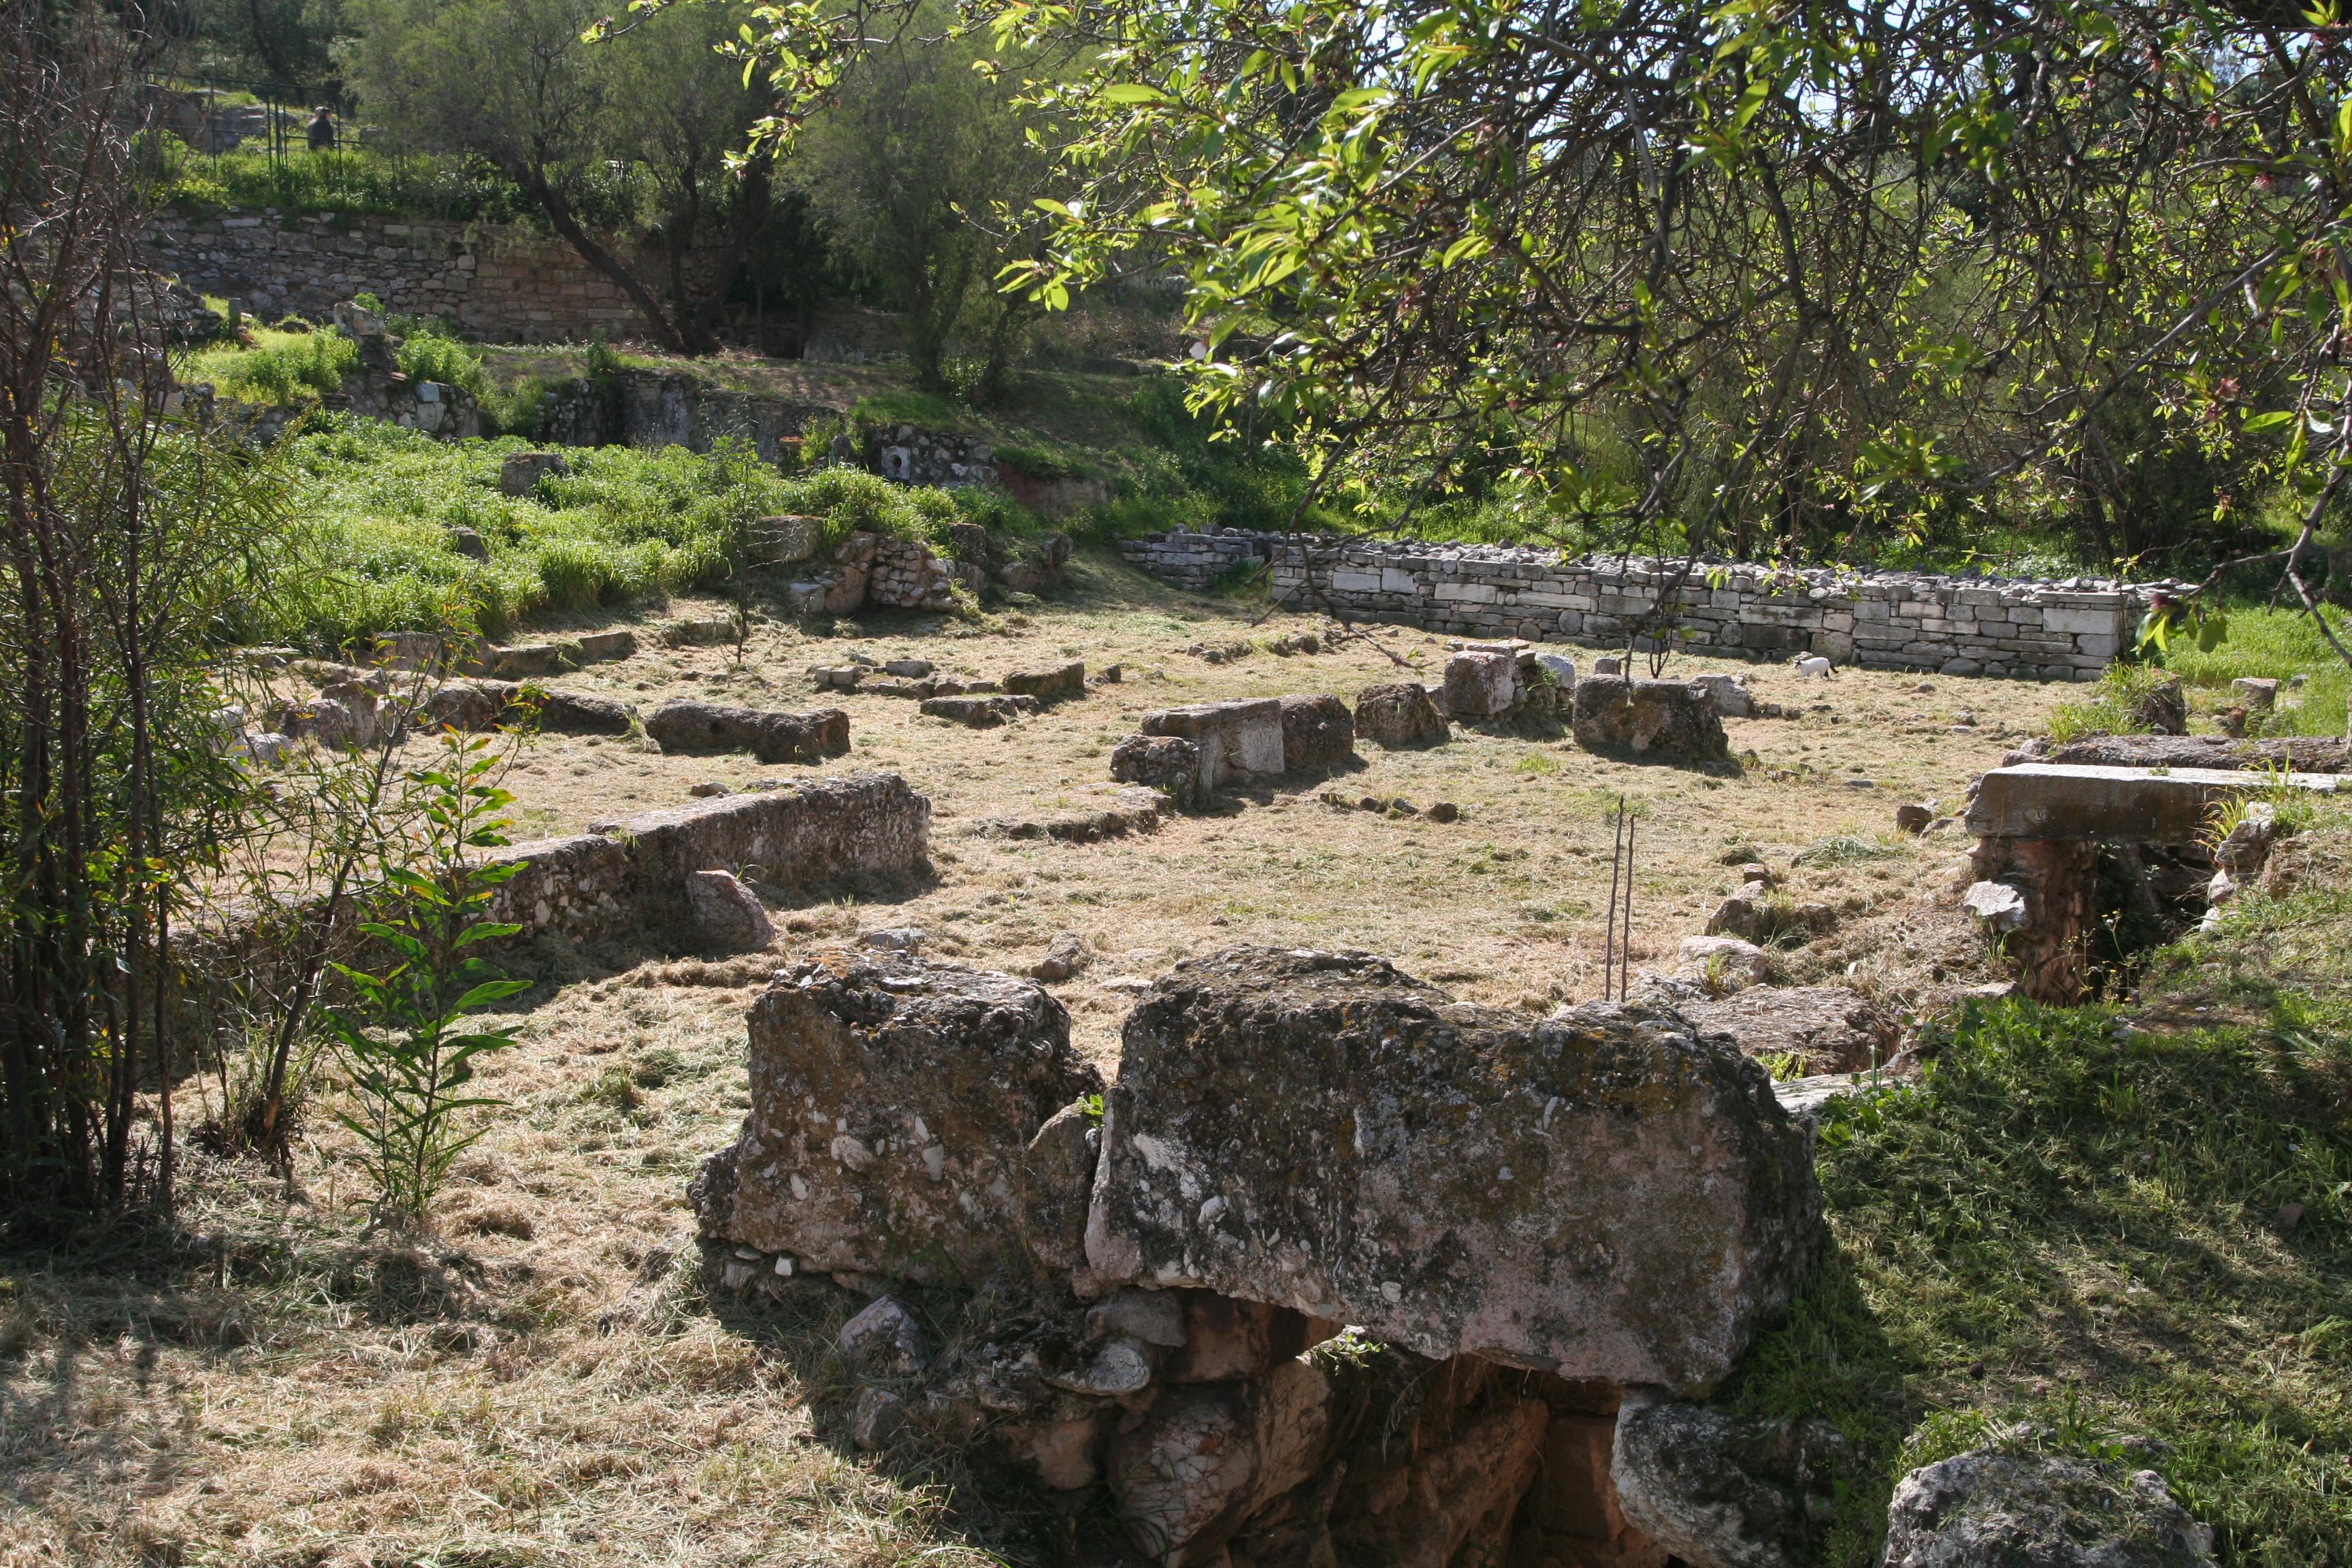 Restos de la prisión estatal extramuros del Ágora de Atenas, donde se cree que estuvo preso y murió. Fuente: Wikipedia